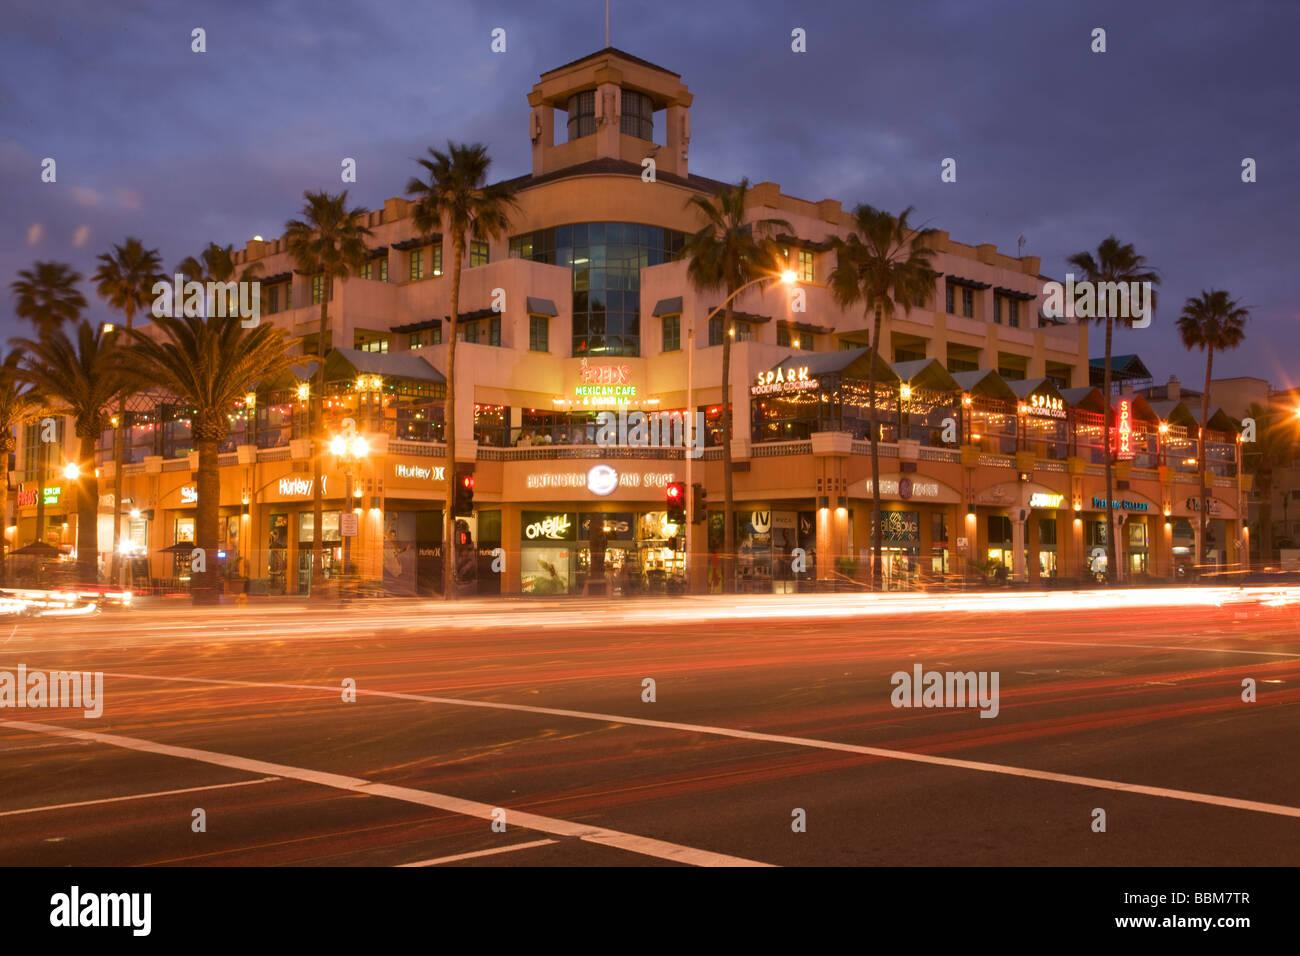 Mall Near Huntington Beach Ca